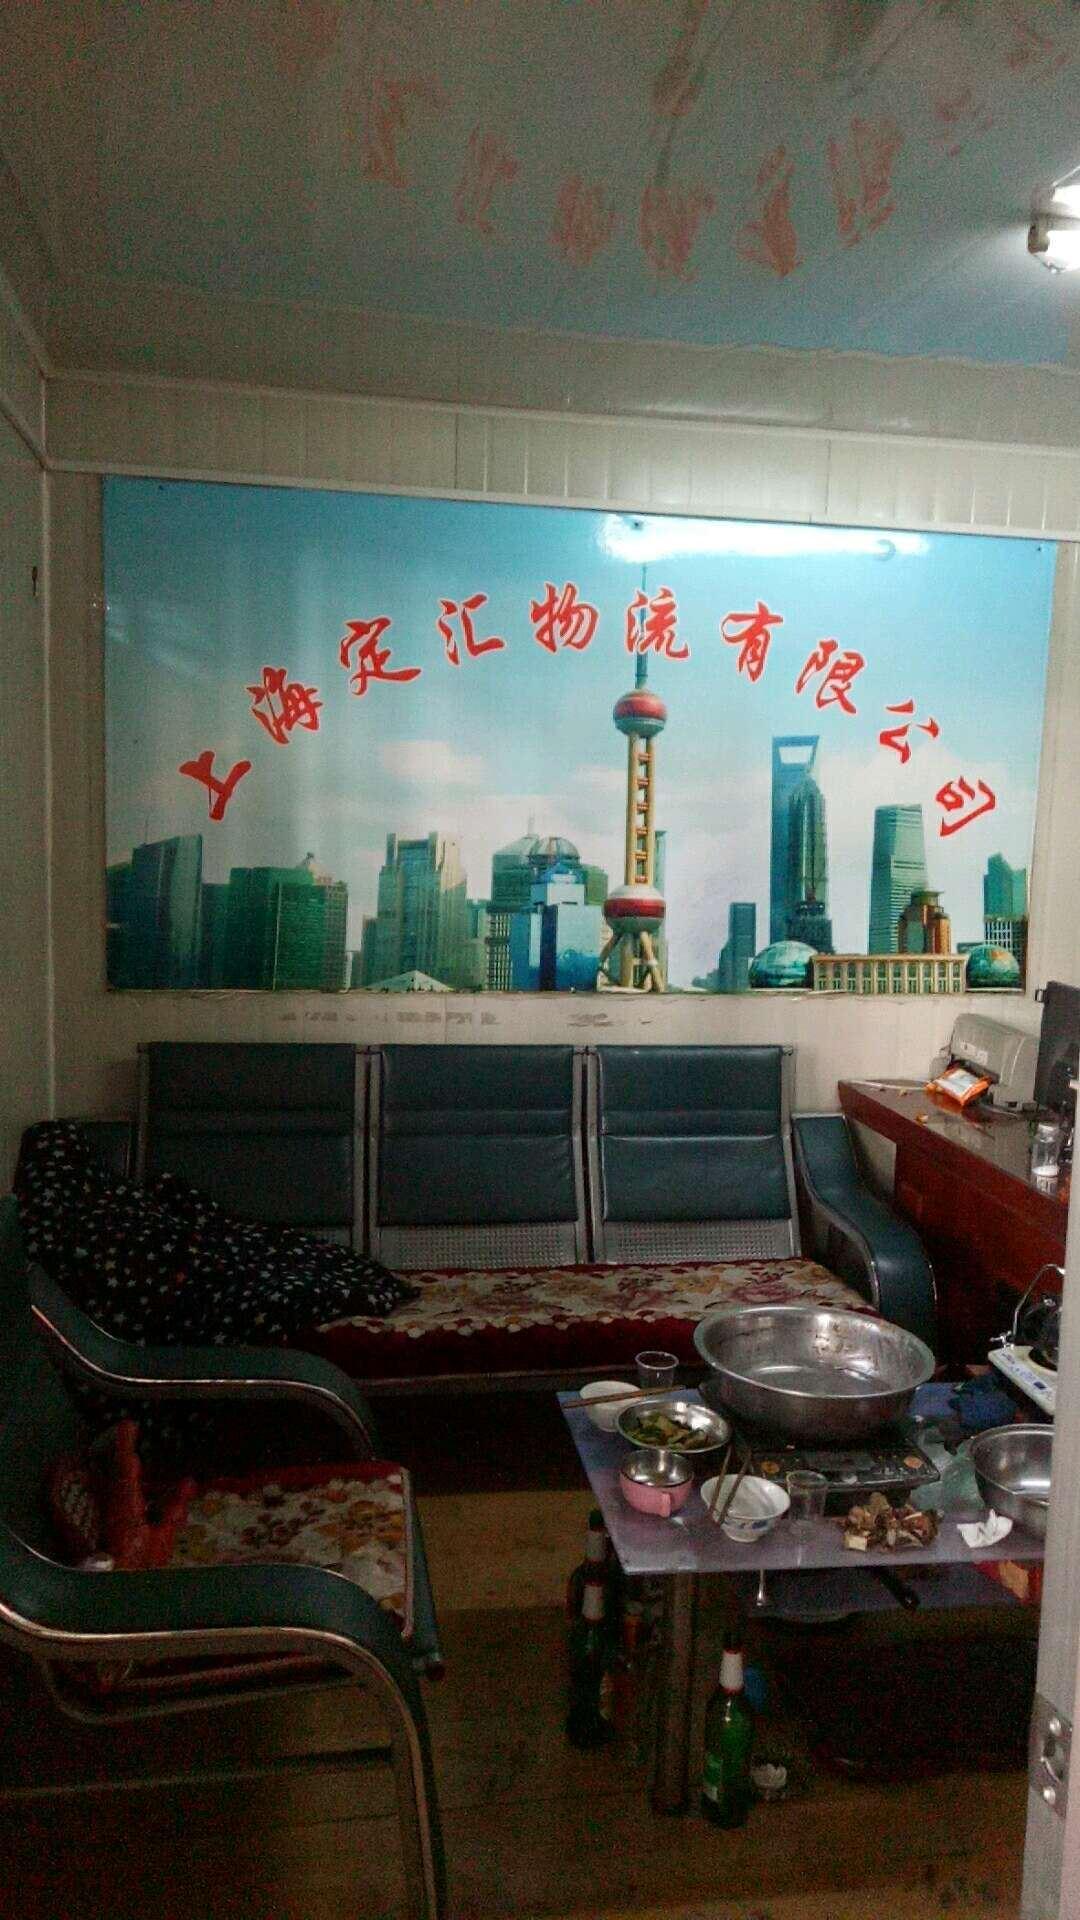 上海到海南直辖县物流专线(上海定汇物流有限公司)